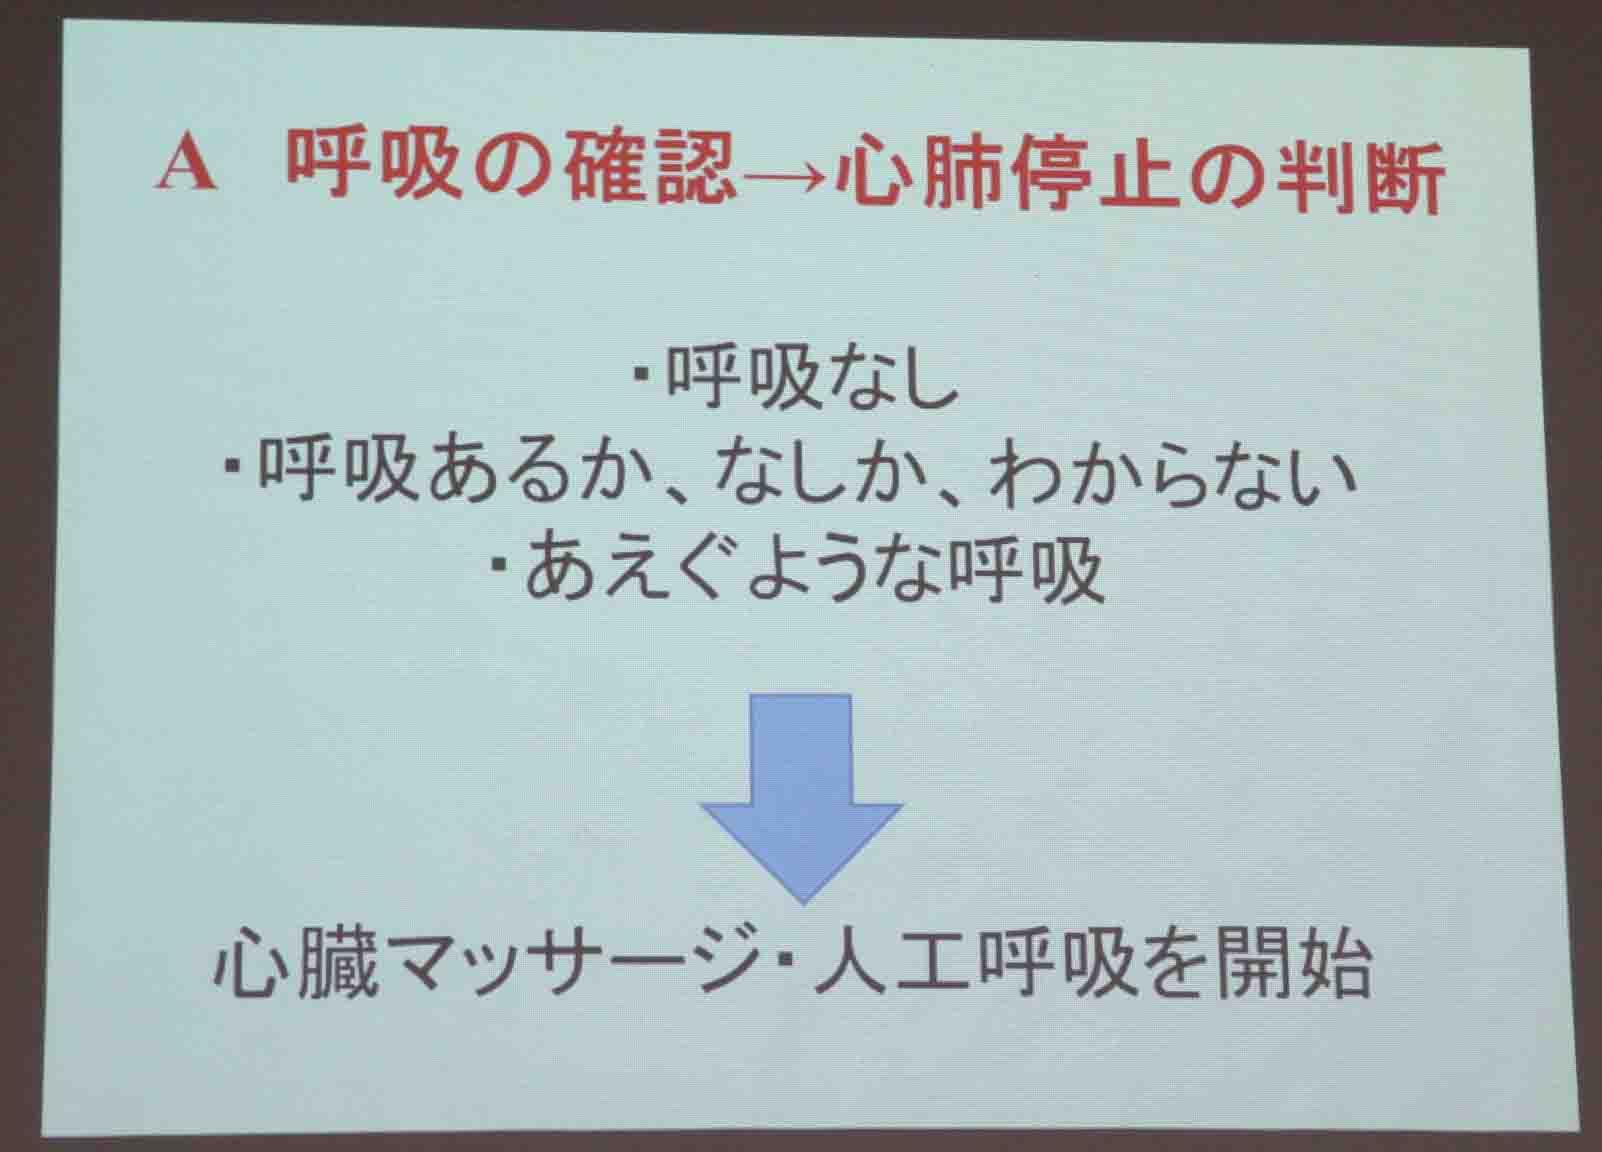 心肺蘇生法講習会(12)